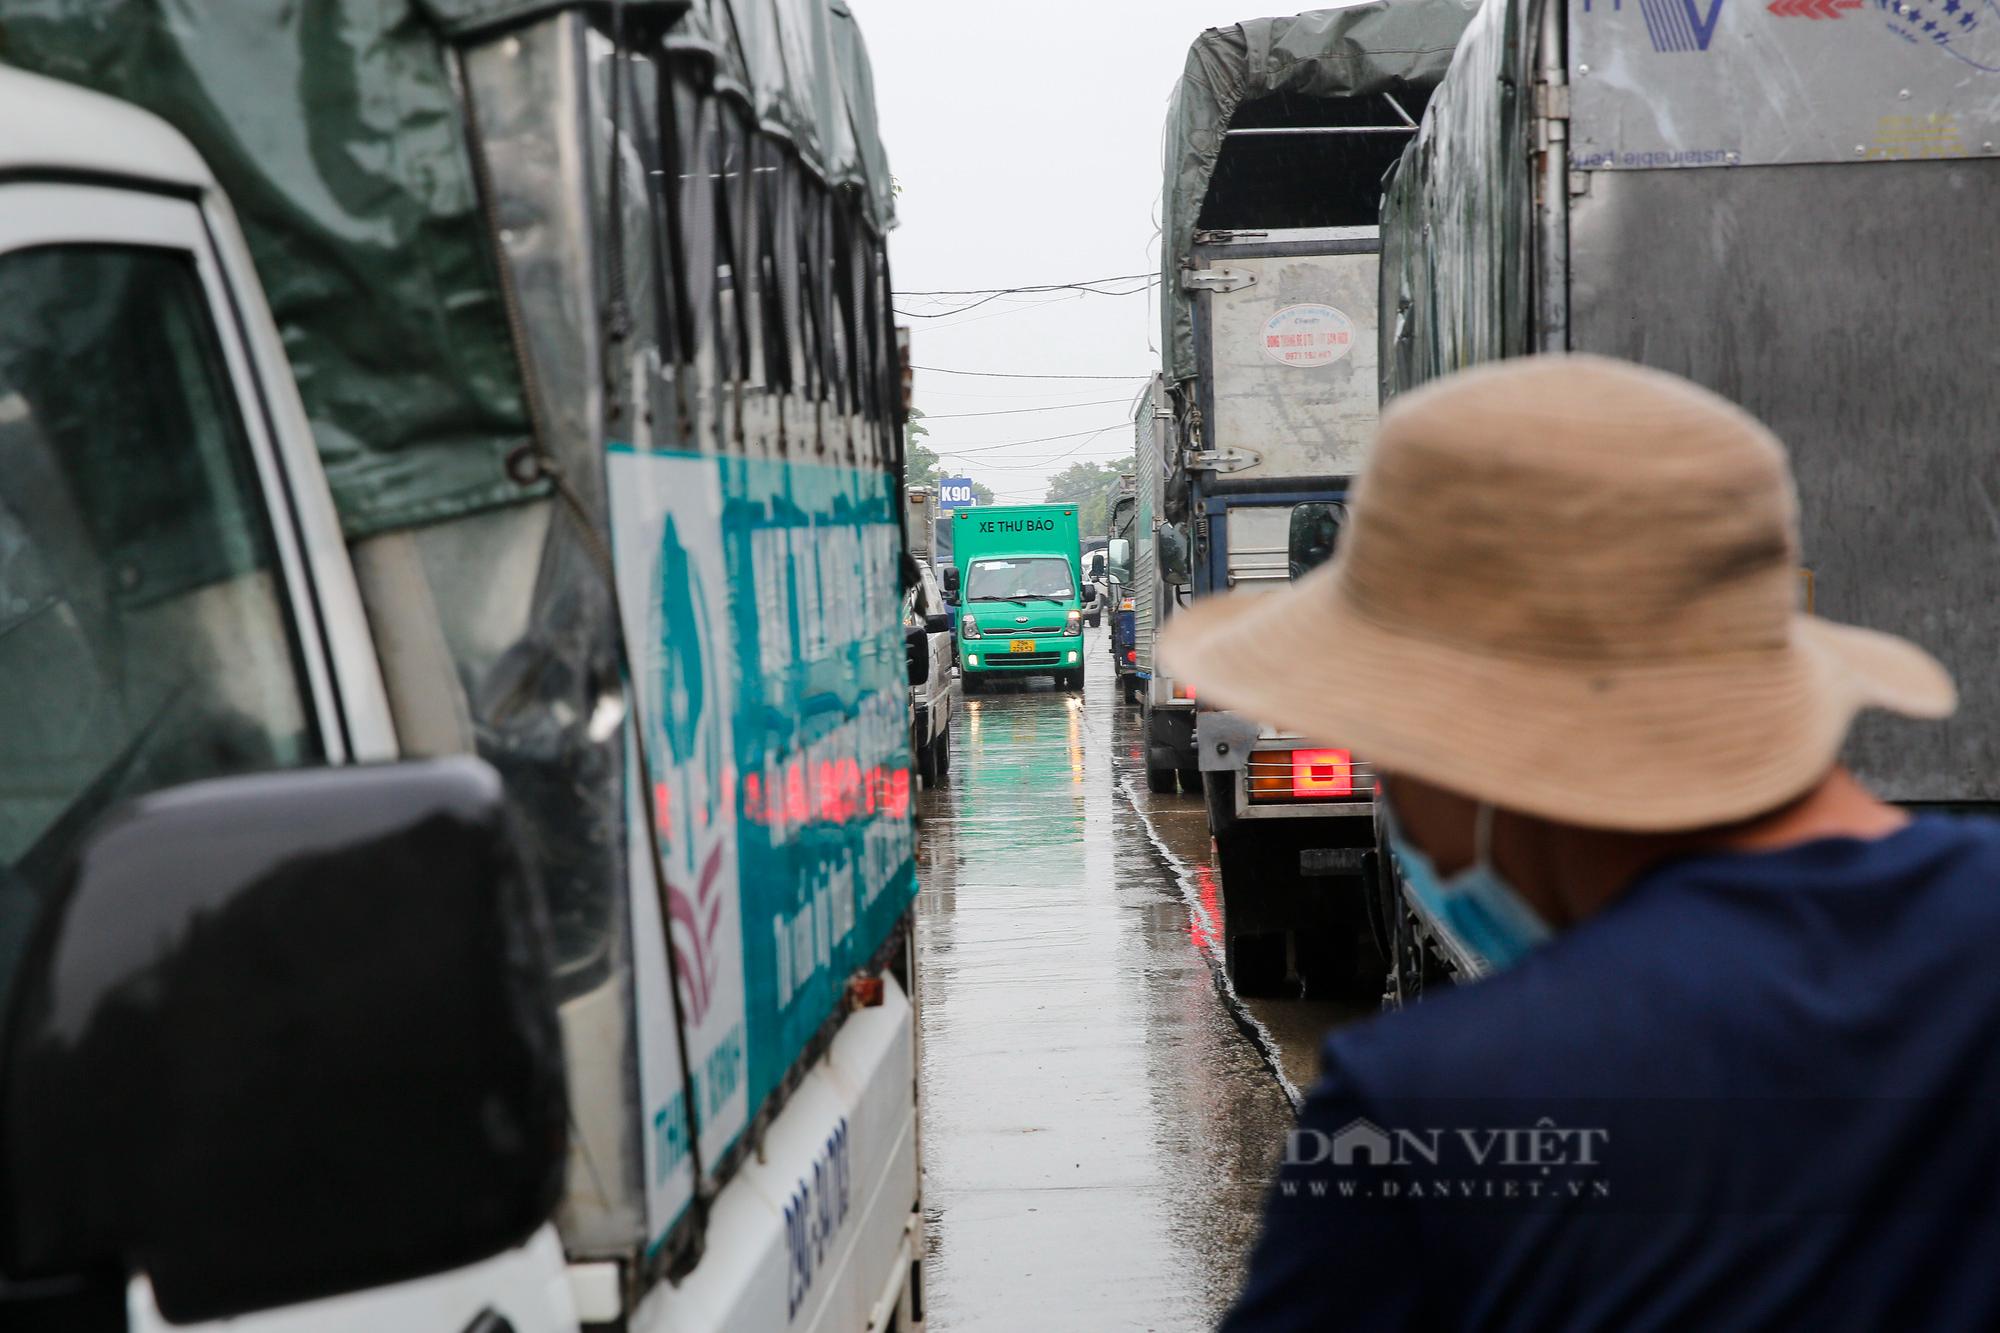 Cảng Hà Nội ùn tắc kéo dài hàng Km sau khi nới lỏng giãn cách  - Ảnh 8.